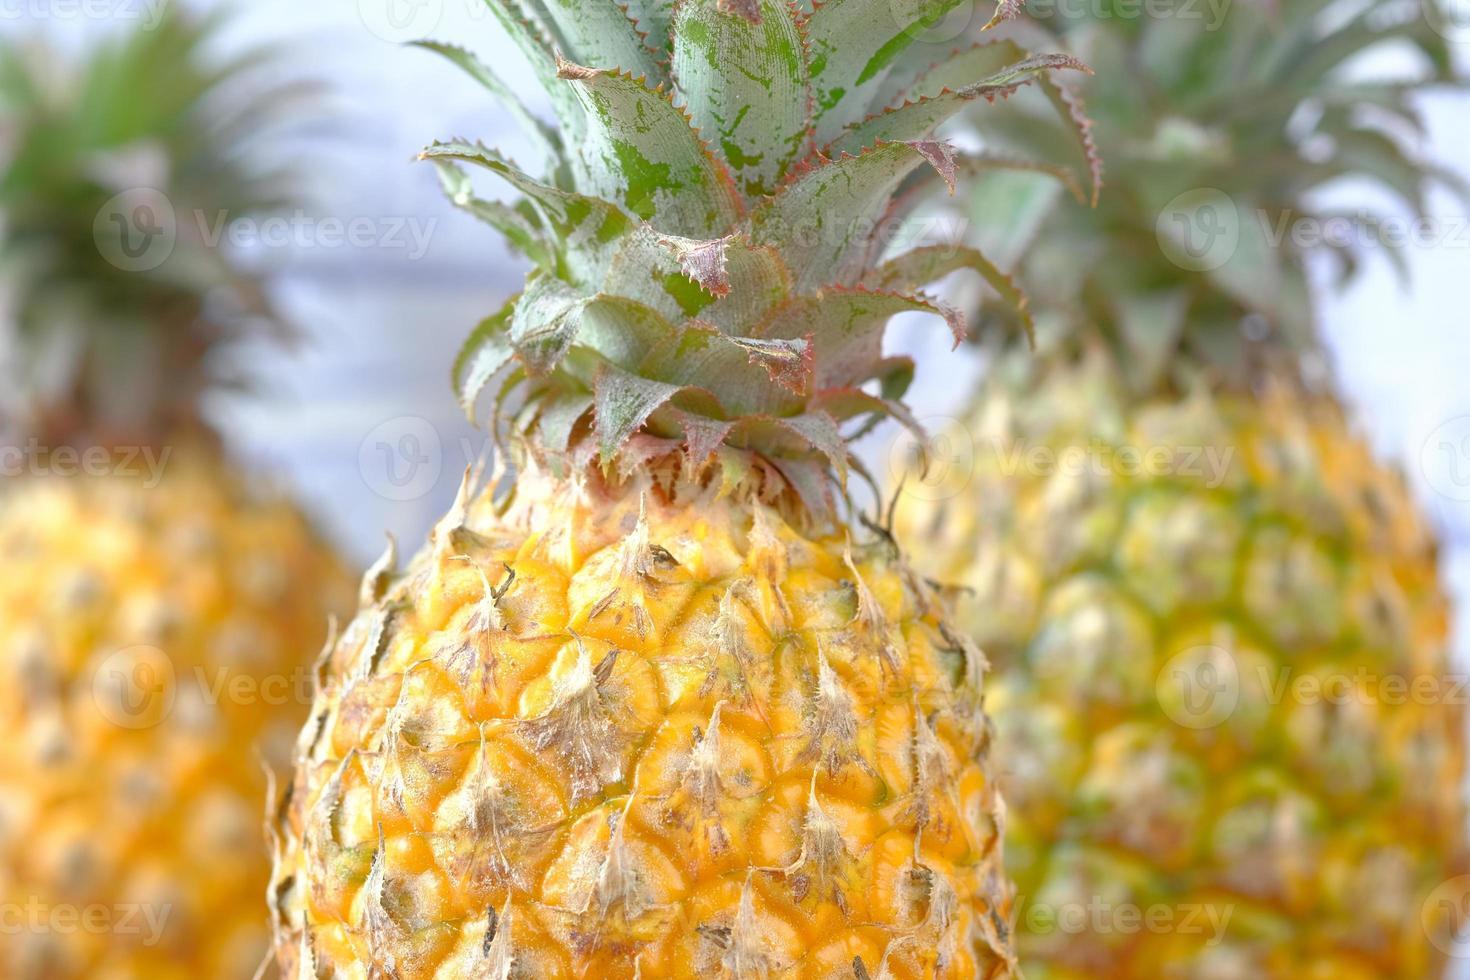 Nahaufnahme von frischer Ananas foto